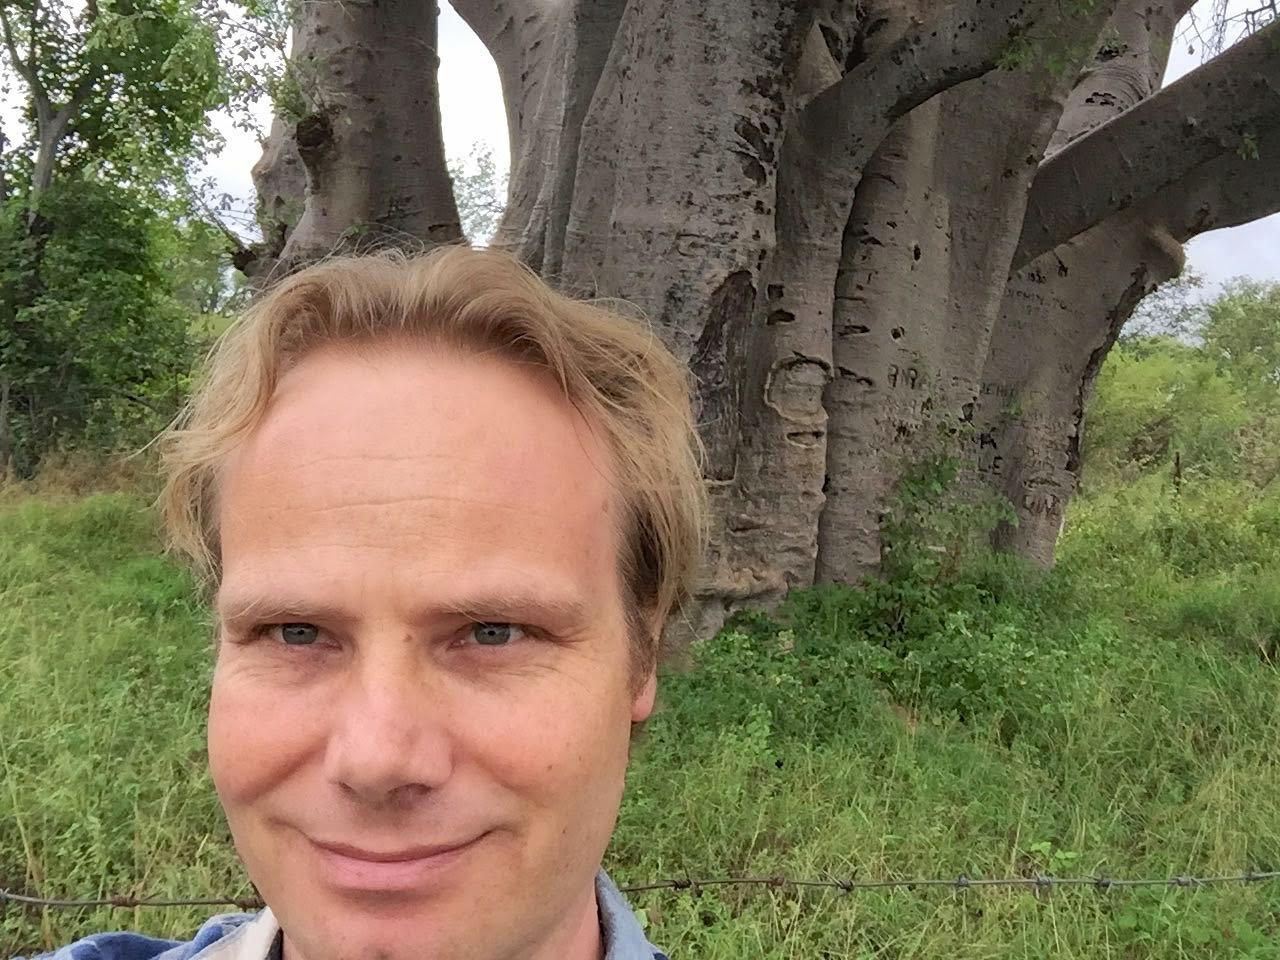 Bij de grote baobab boom